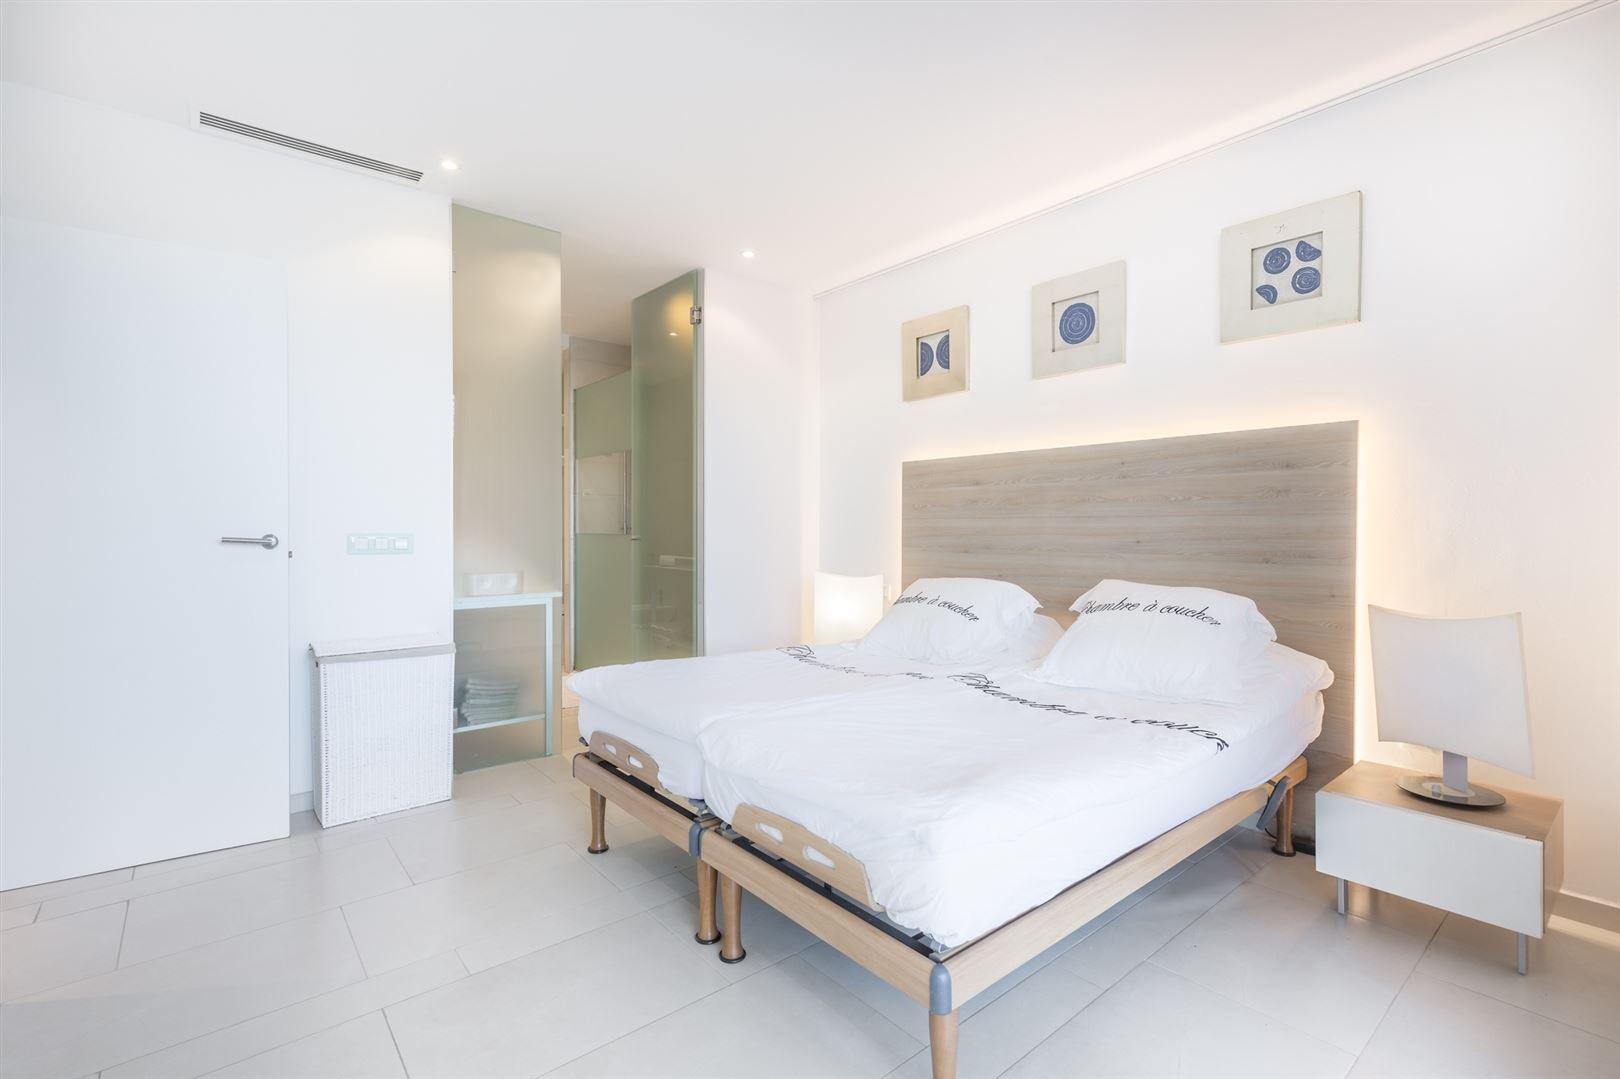 Foto 8 : Appartement te 38632 PALM MAR (Spanje) - Prijs € 325.000